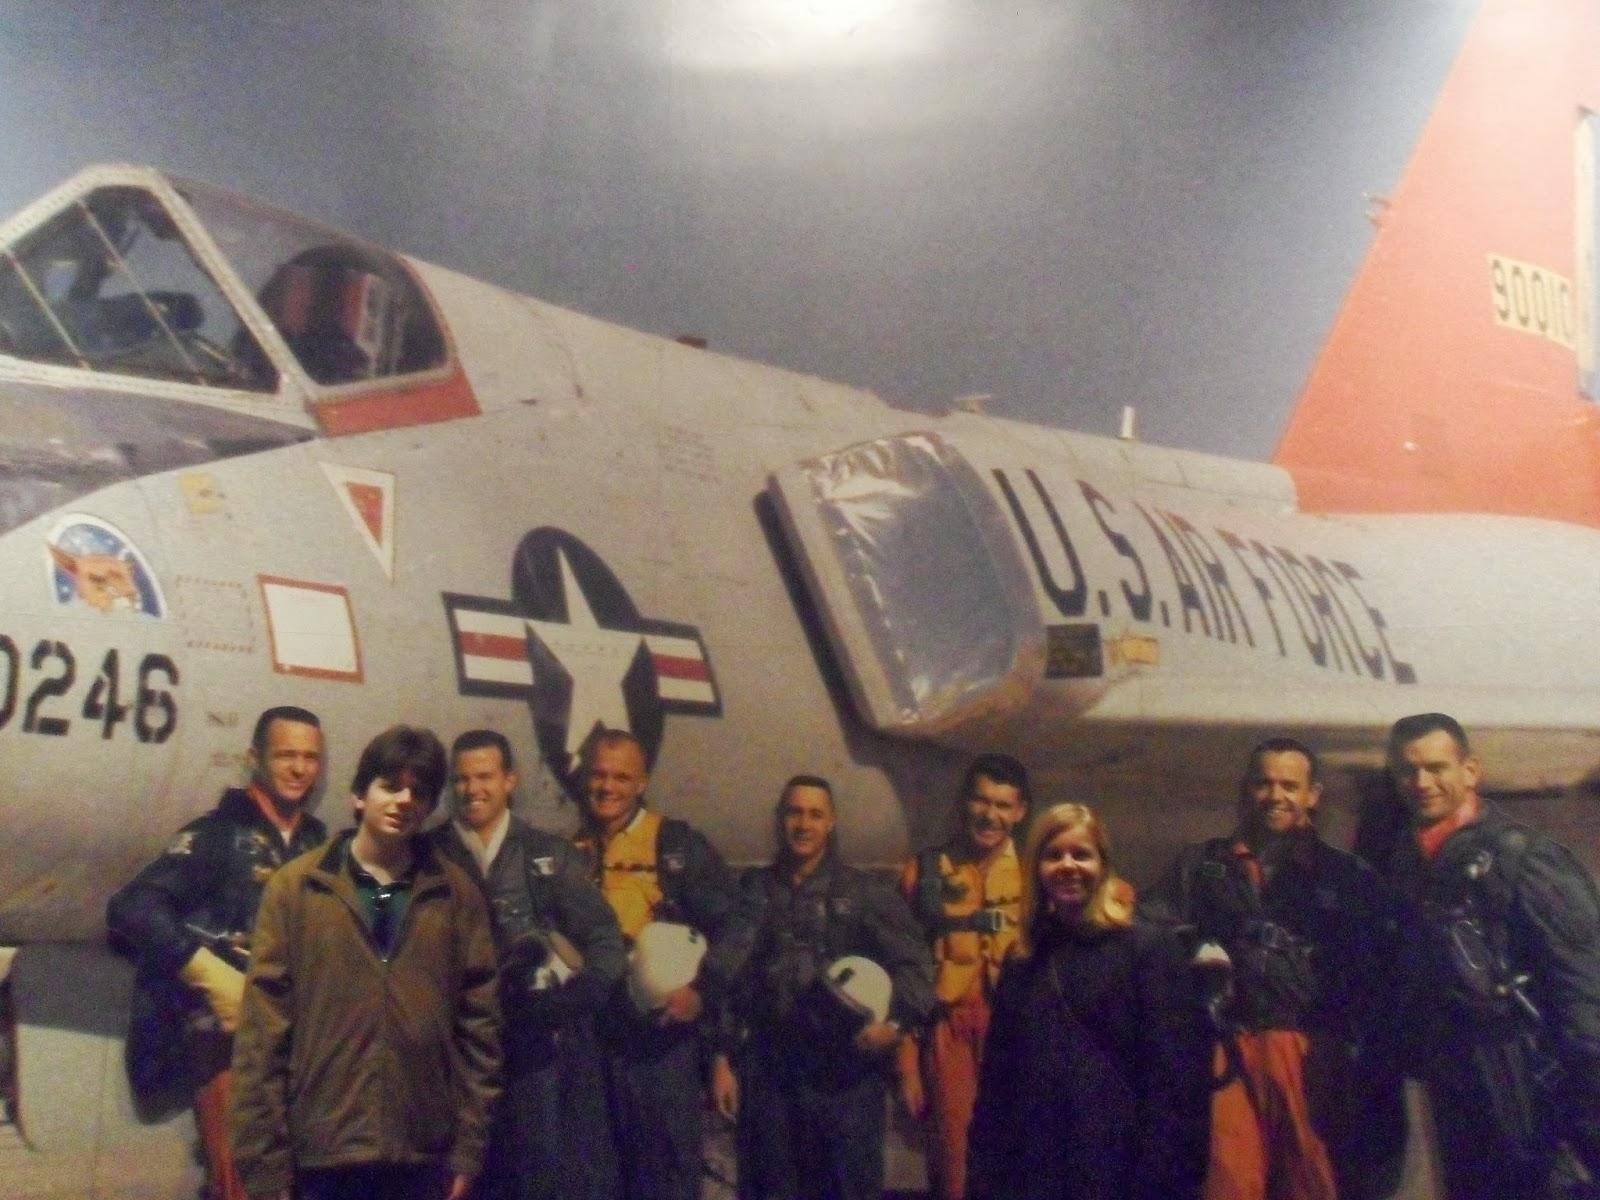 SEM GUIA; América do Norte; turismo; lazer; viagem; USA; Kennedy Space Center